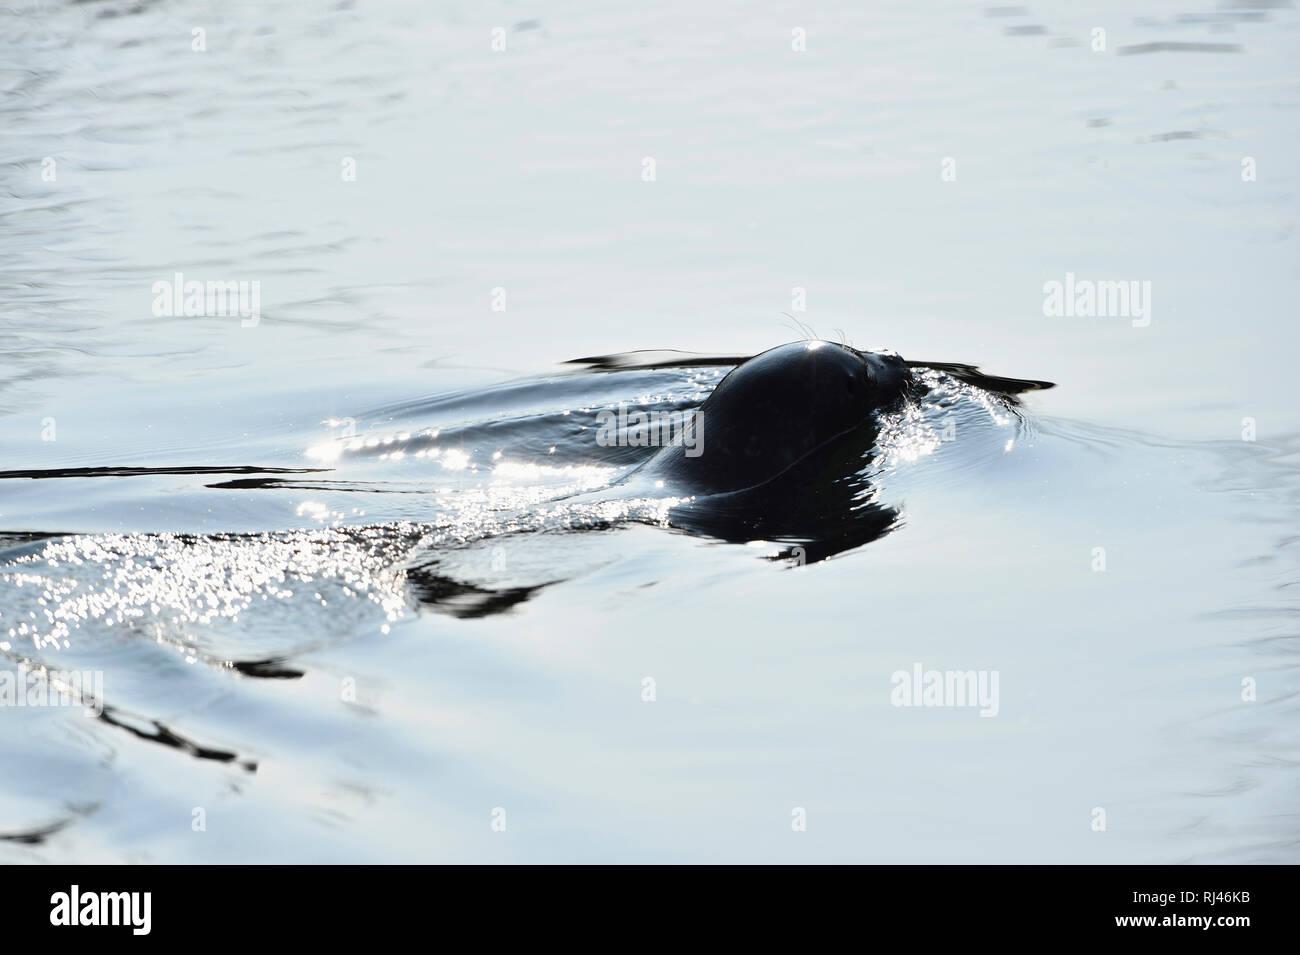 Seehund, Phoca vitulina, Wasser, schwimmen, R?ckansicht, Gegenlicht - Stock Image